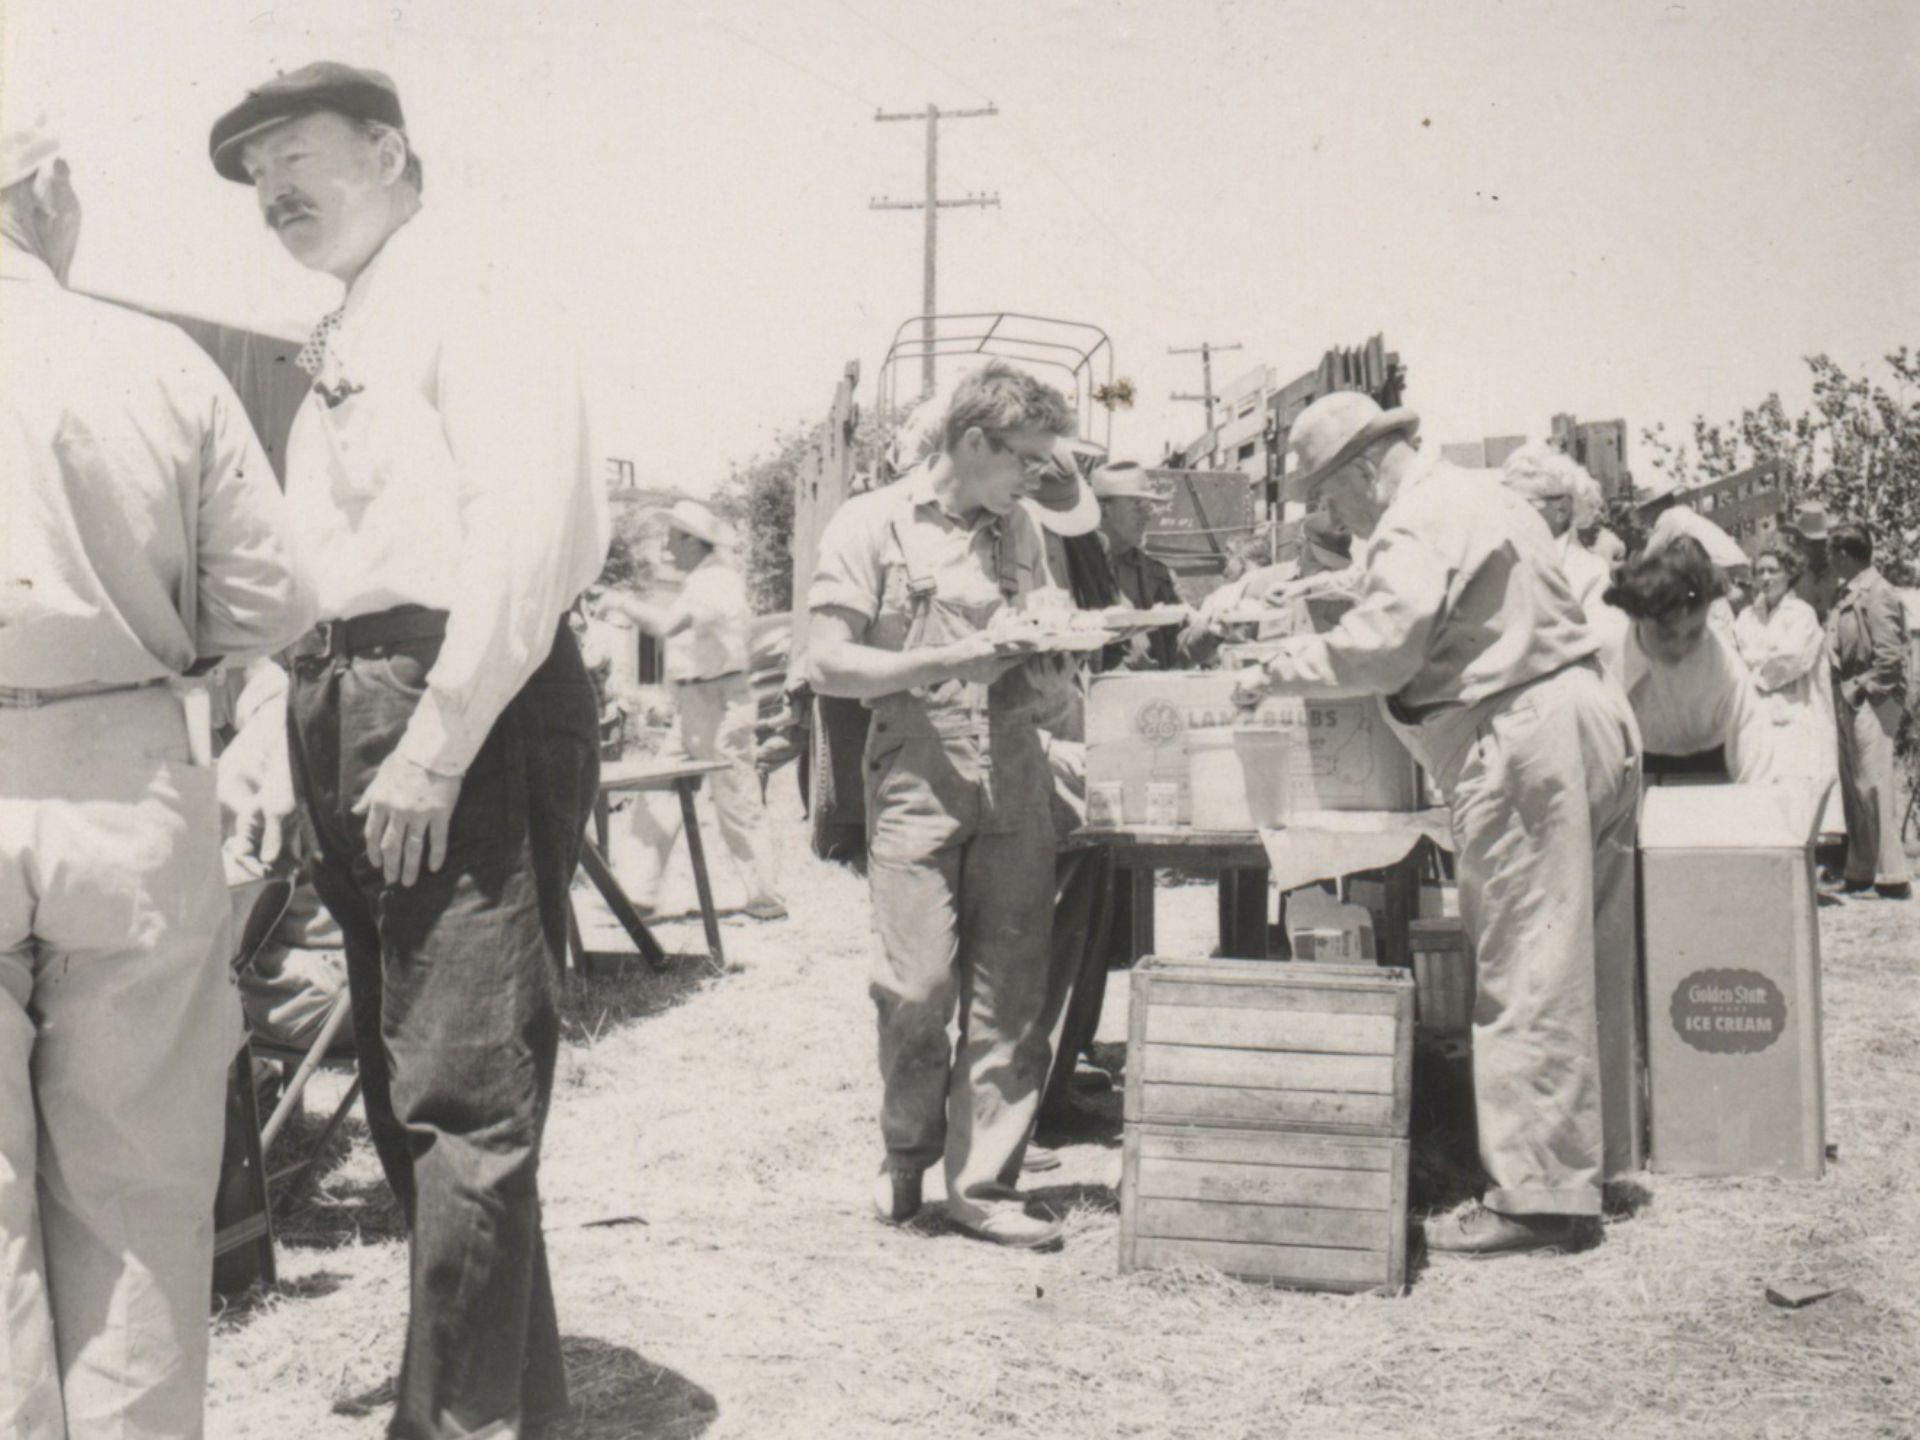 Photos of James Dean discovered in Salinas, California